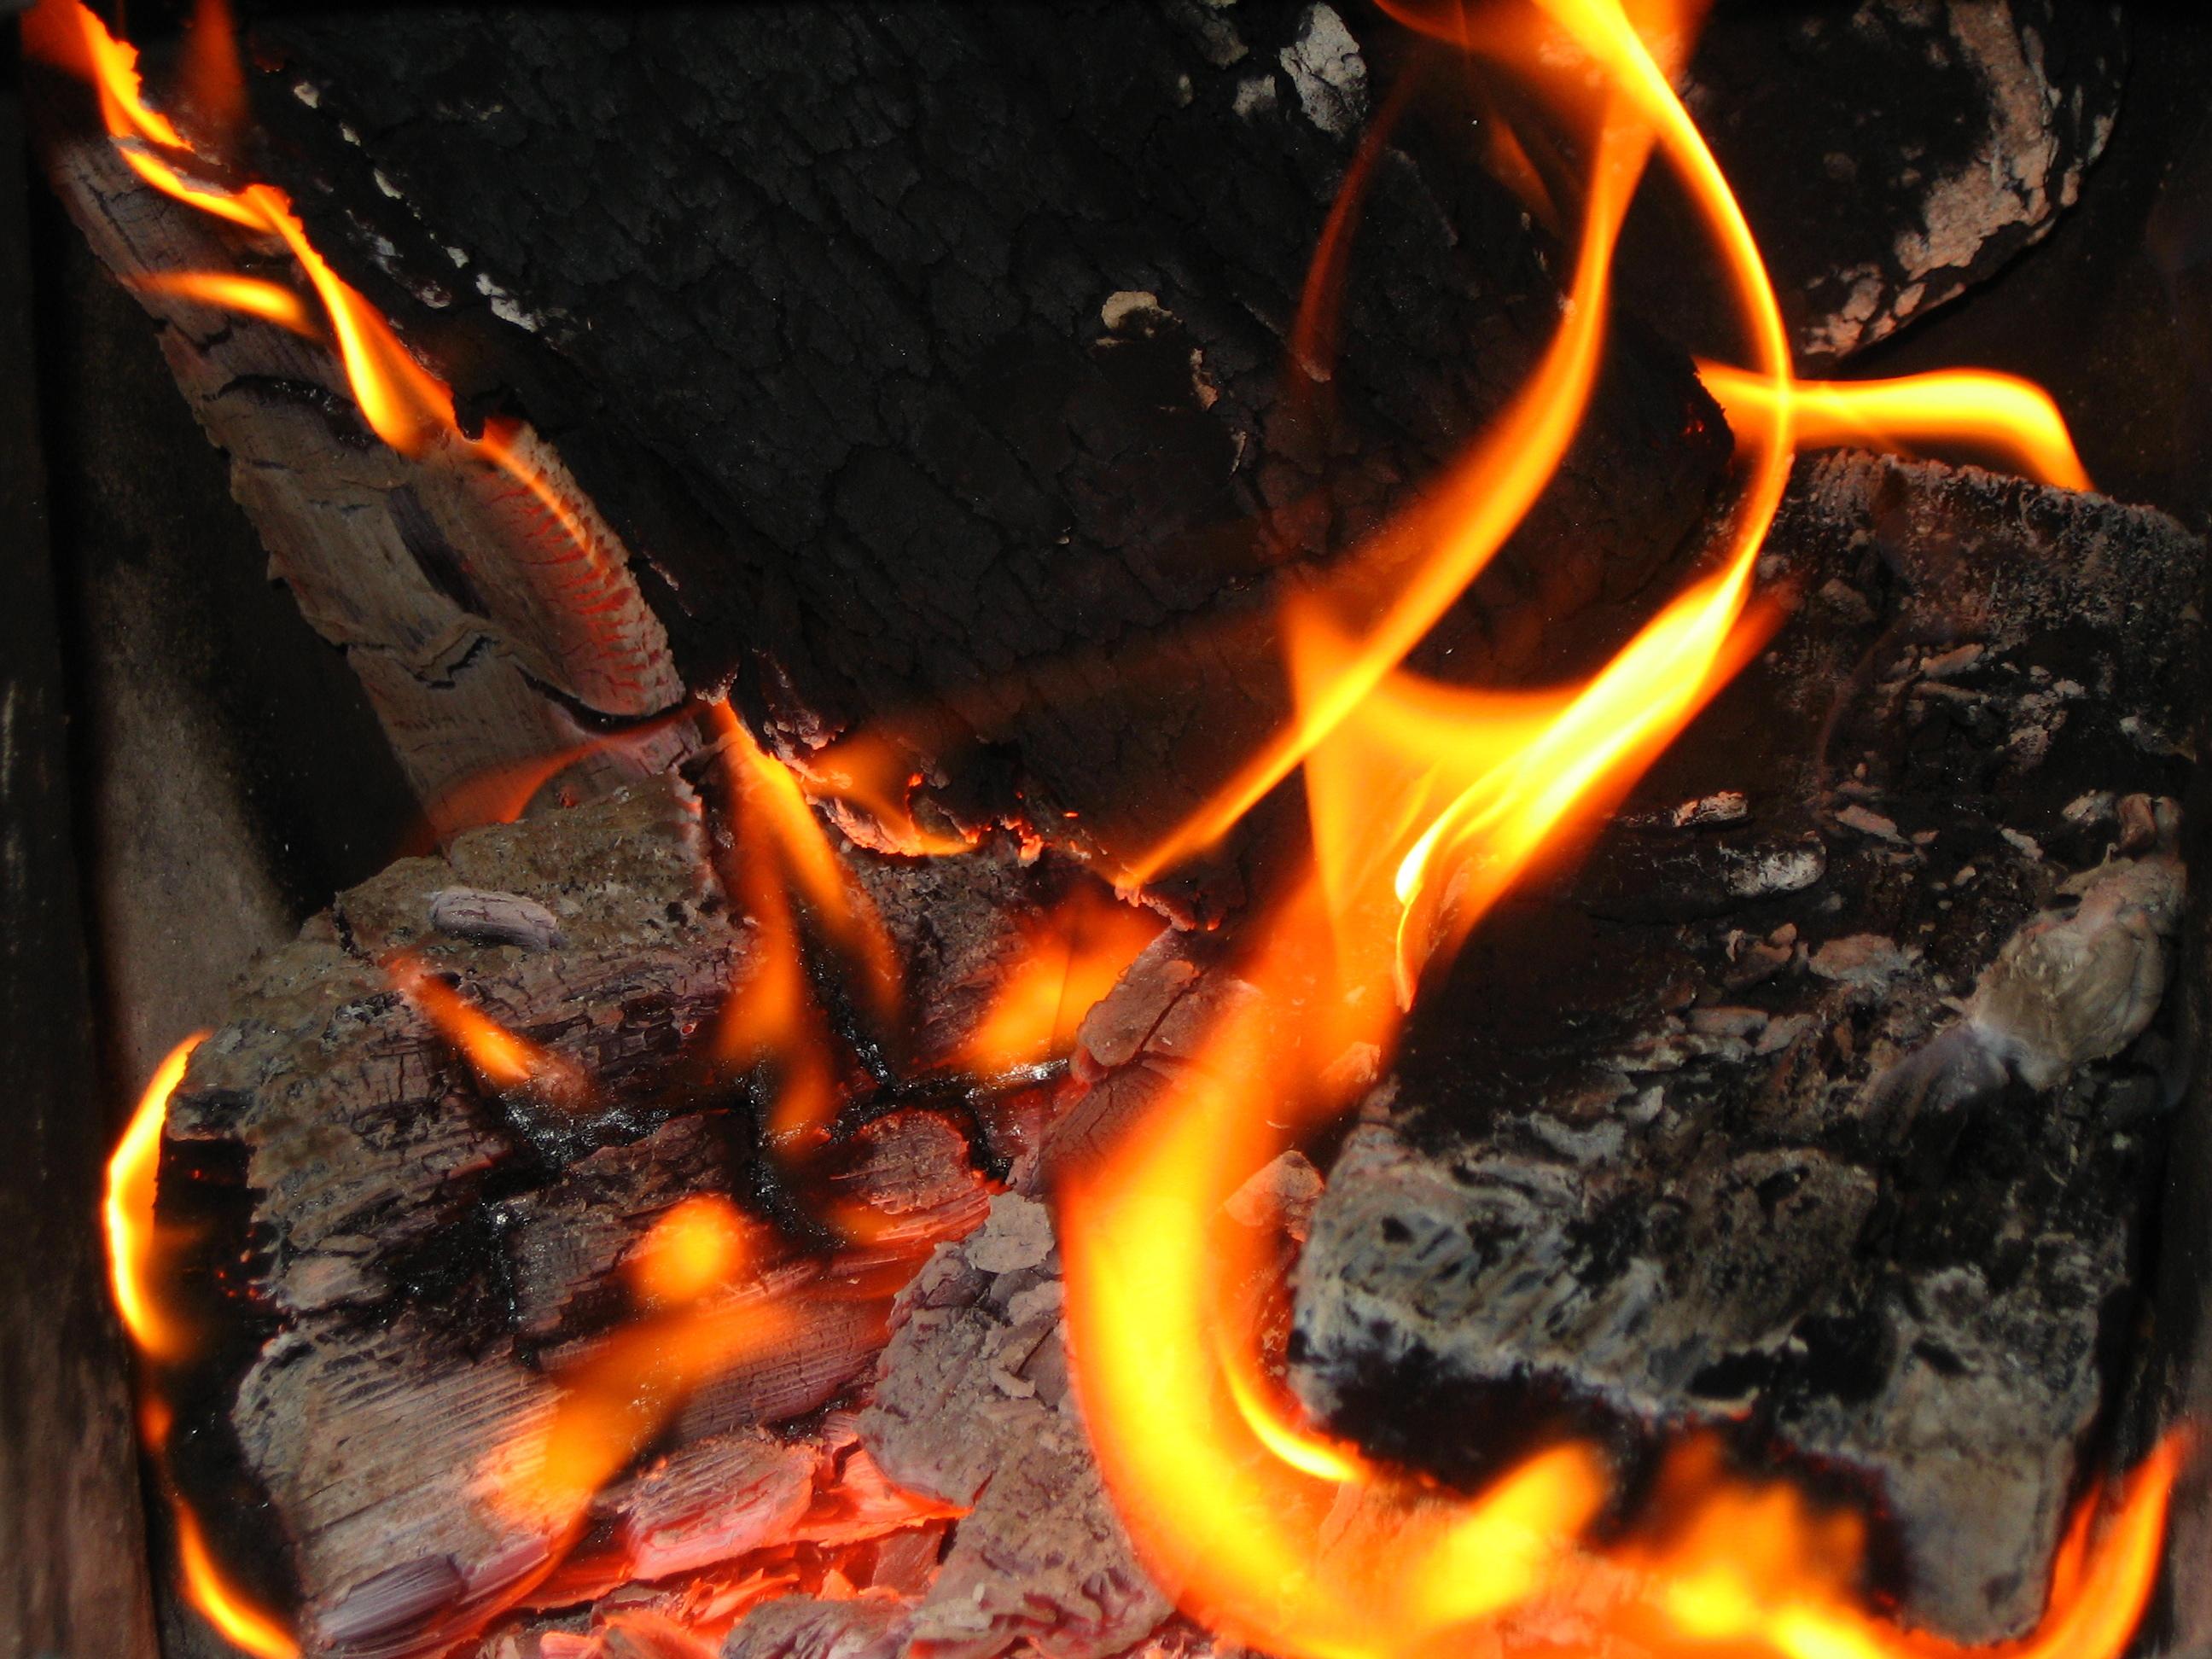 картинки огонь в хорошем качестве высокая скорость